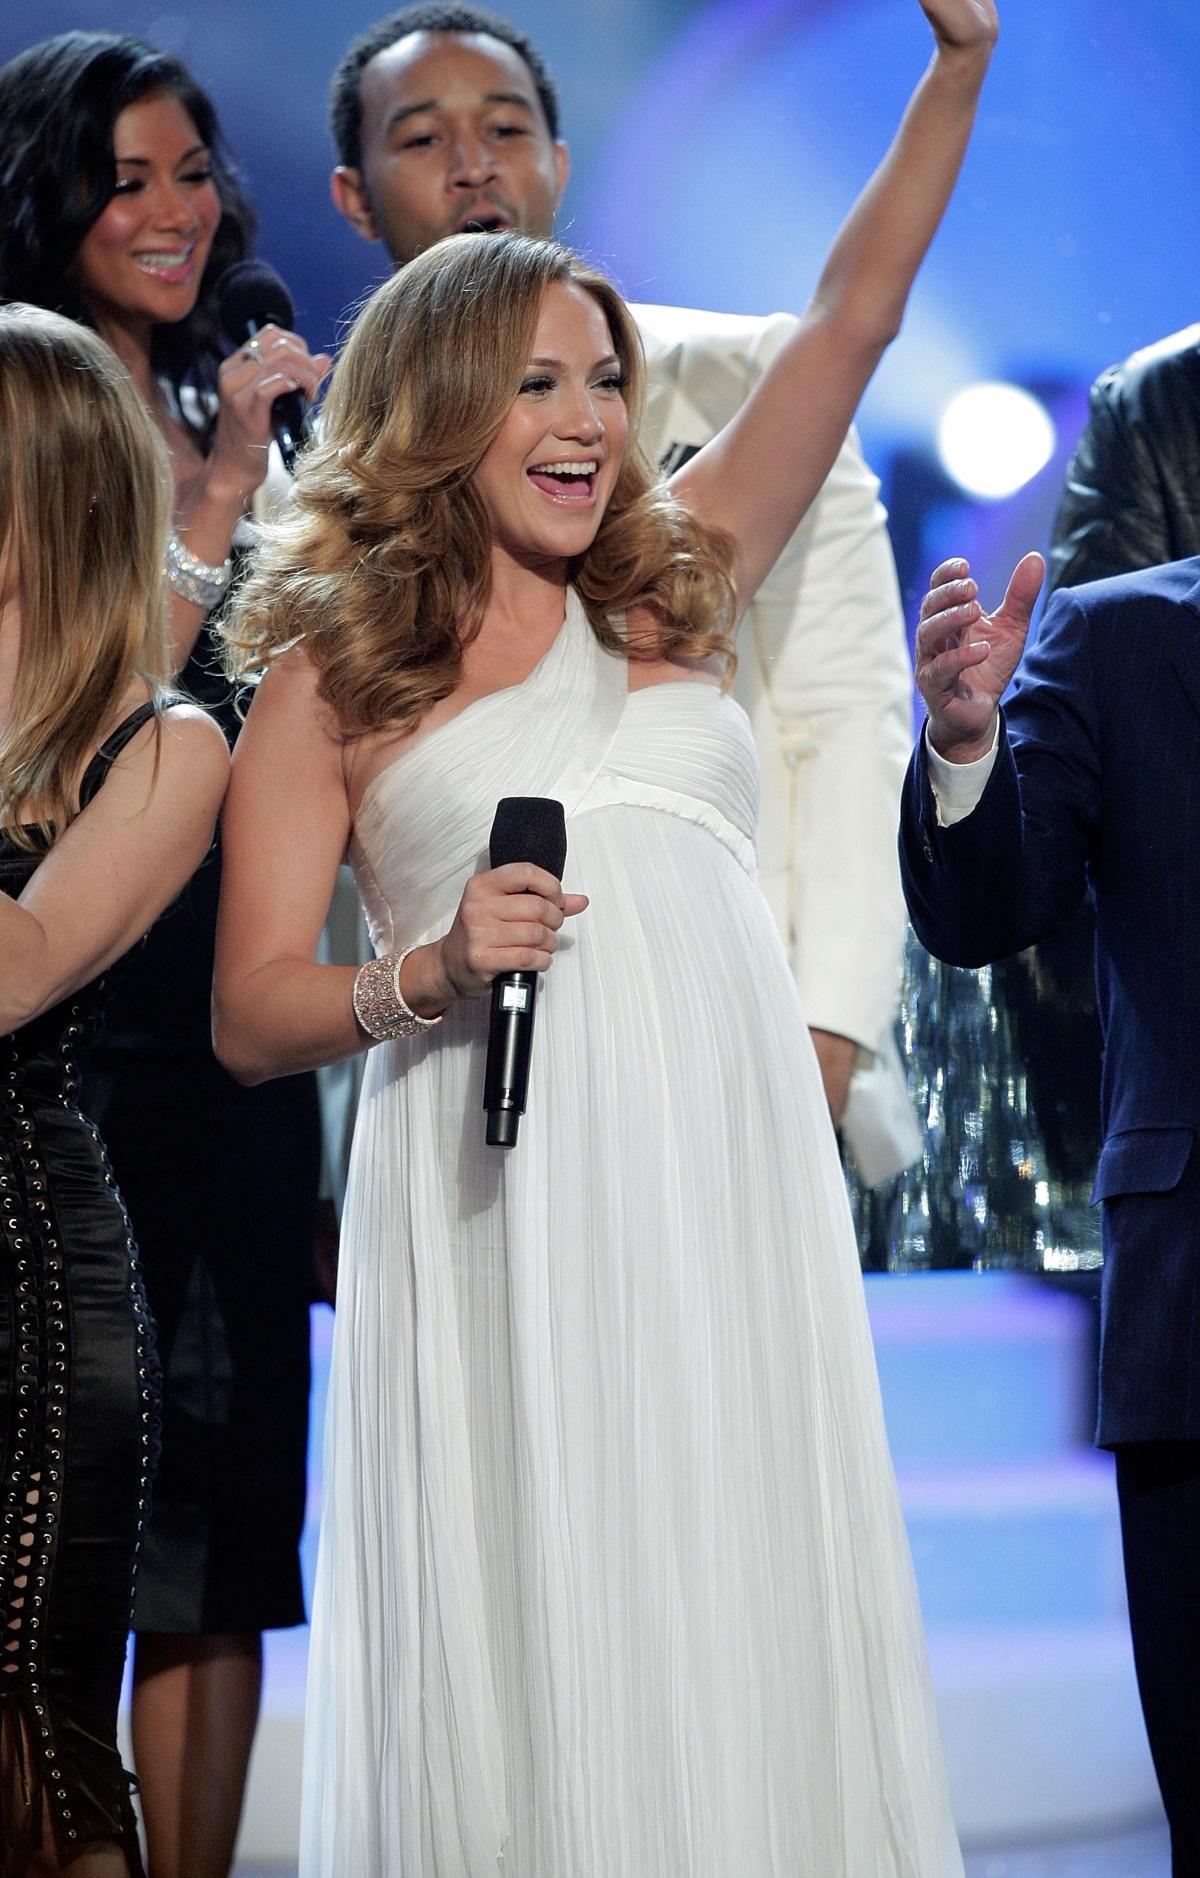 Дженифър Лопес, 2007 г. - певицата обяви голямата новина, че чака близнаци на сцената, след това Марк Антъни се наведе и целуна корема ѝ.